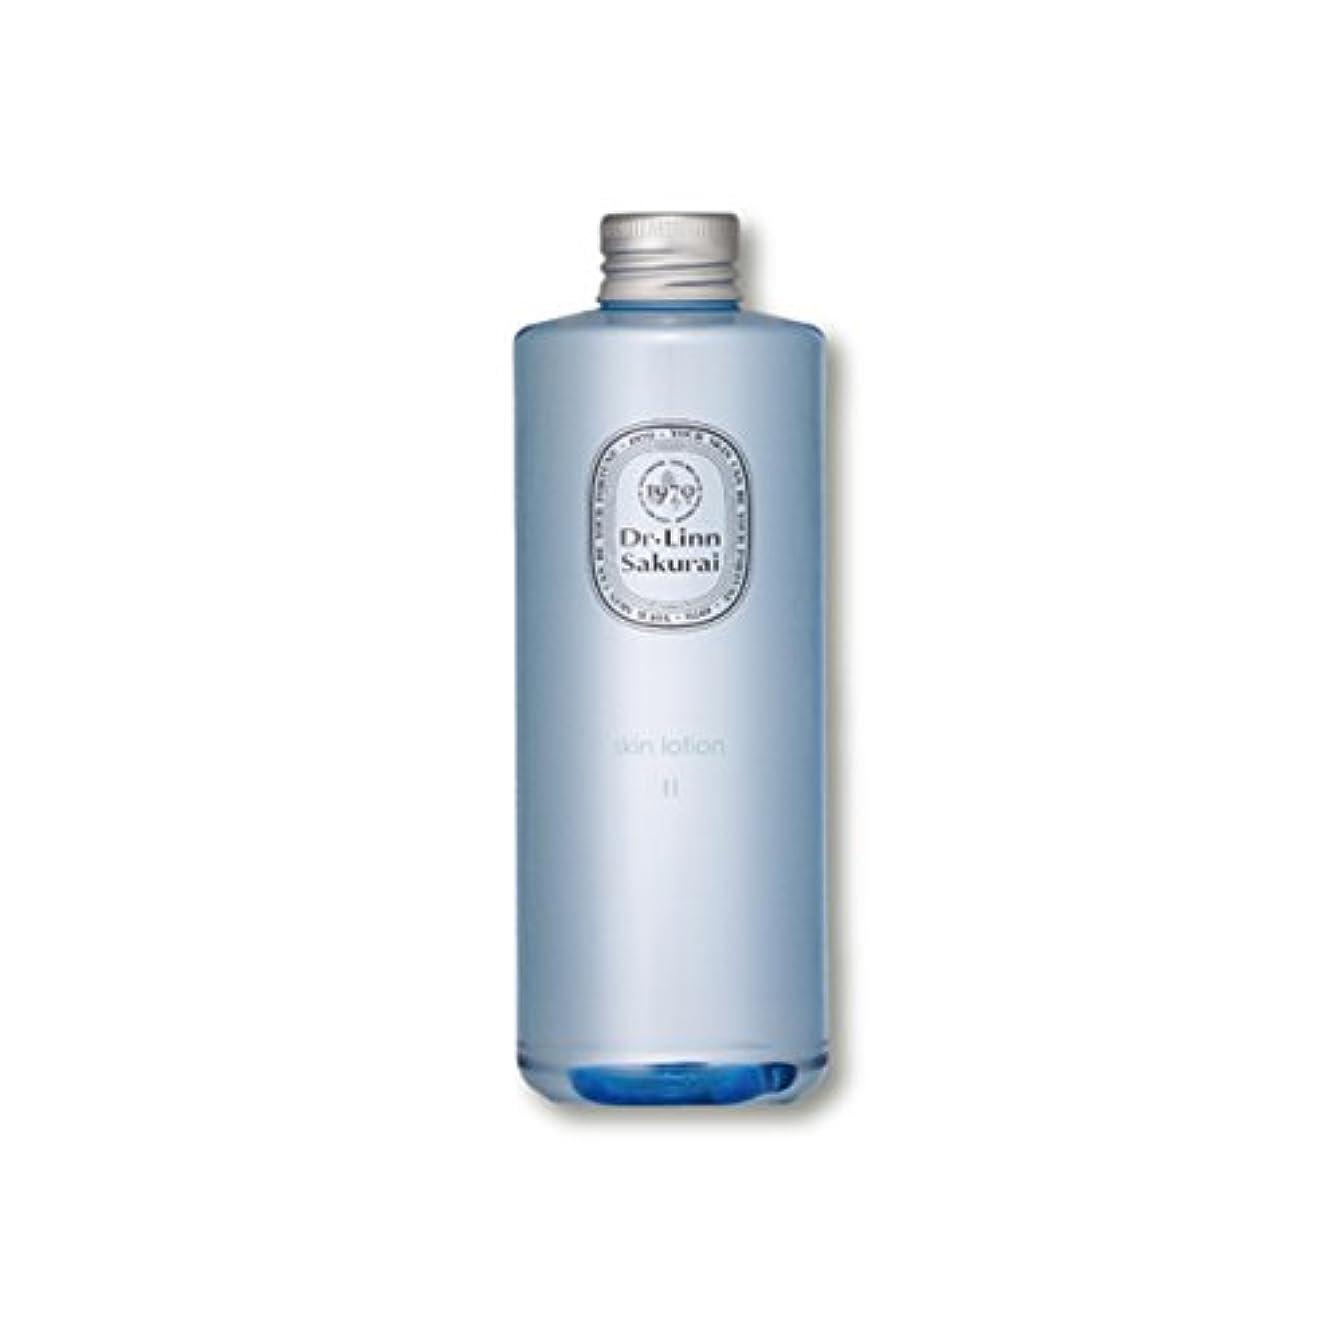 出来事受益者展示会ドクターリンサクライ スキンローションII しっとりタイプ 300ml  (化粧水)